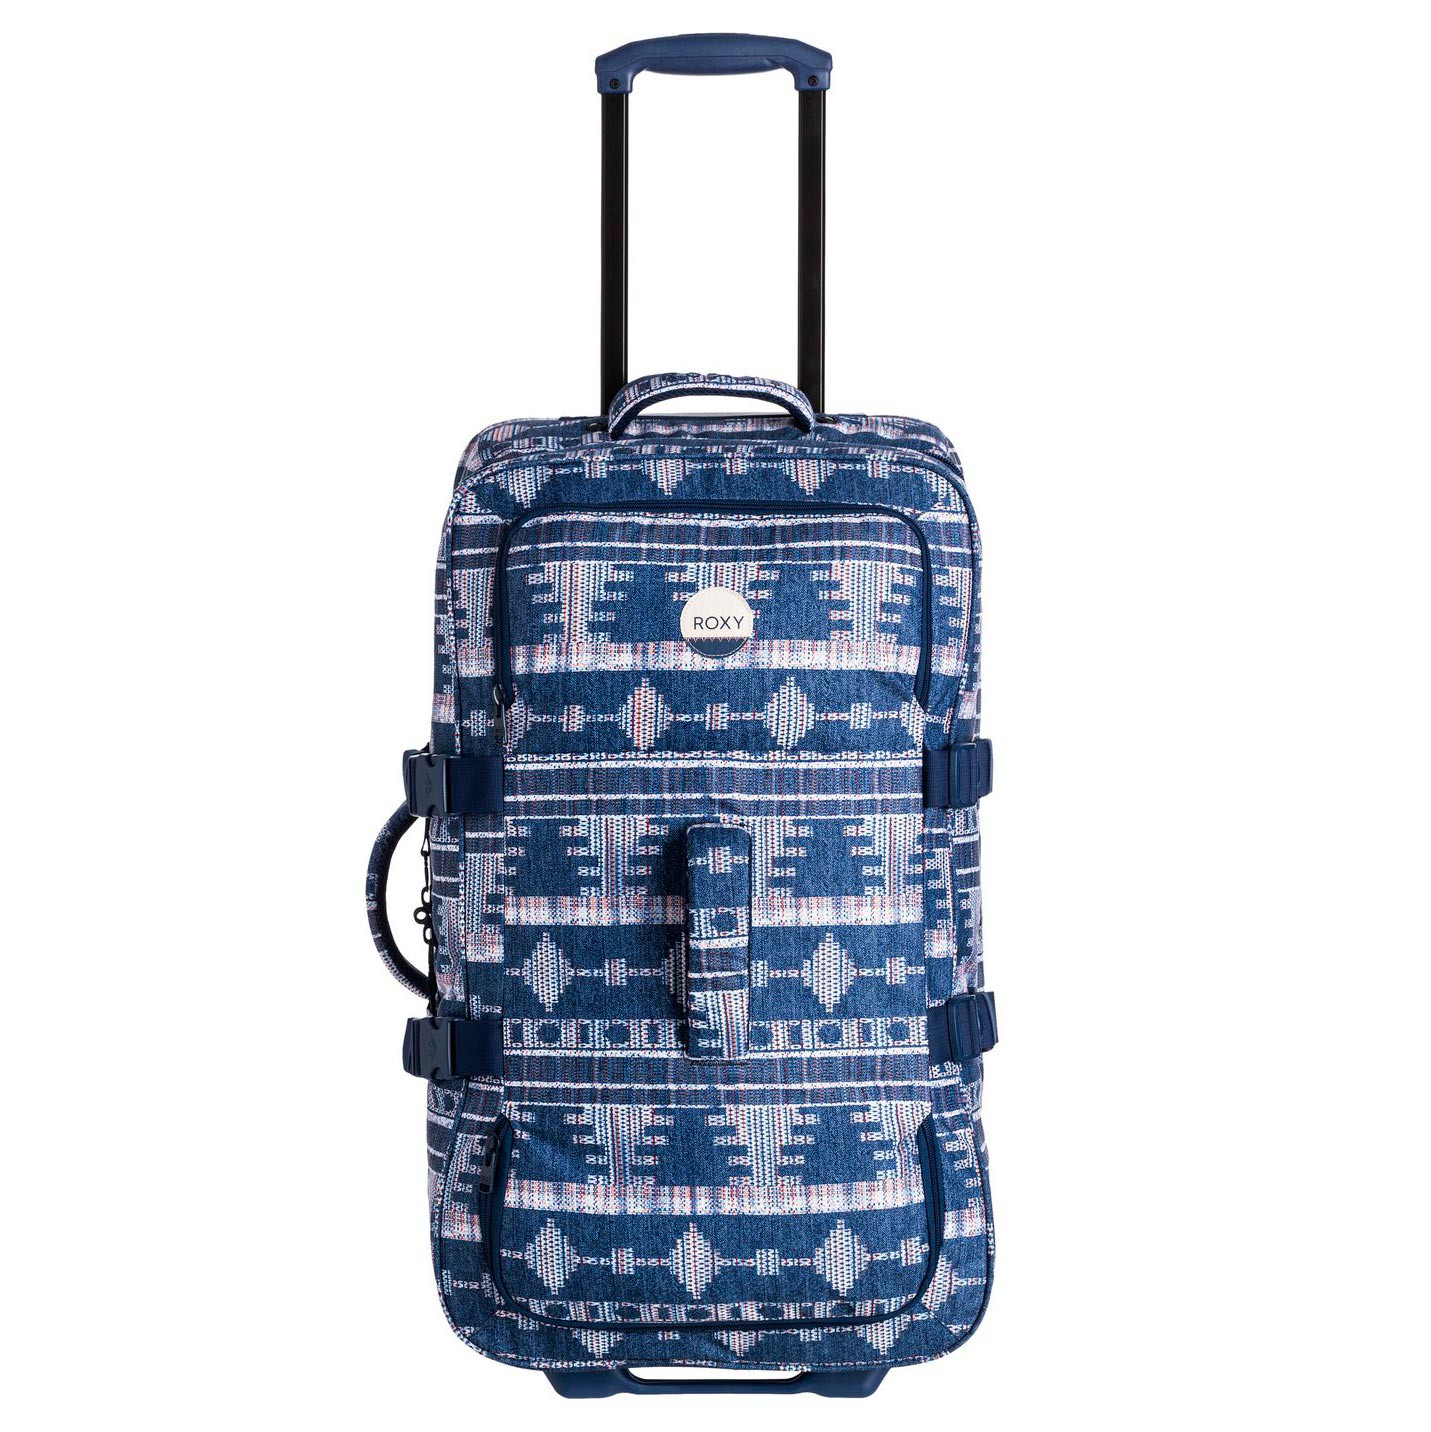 Cestovní taška Roxy In The Clouds akiya combo blue print vel.85L 67×38×30 cm 16 + doručení do 24 hodin